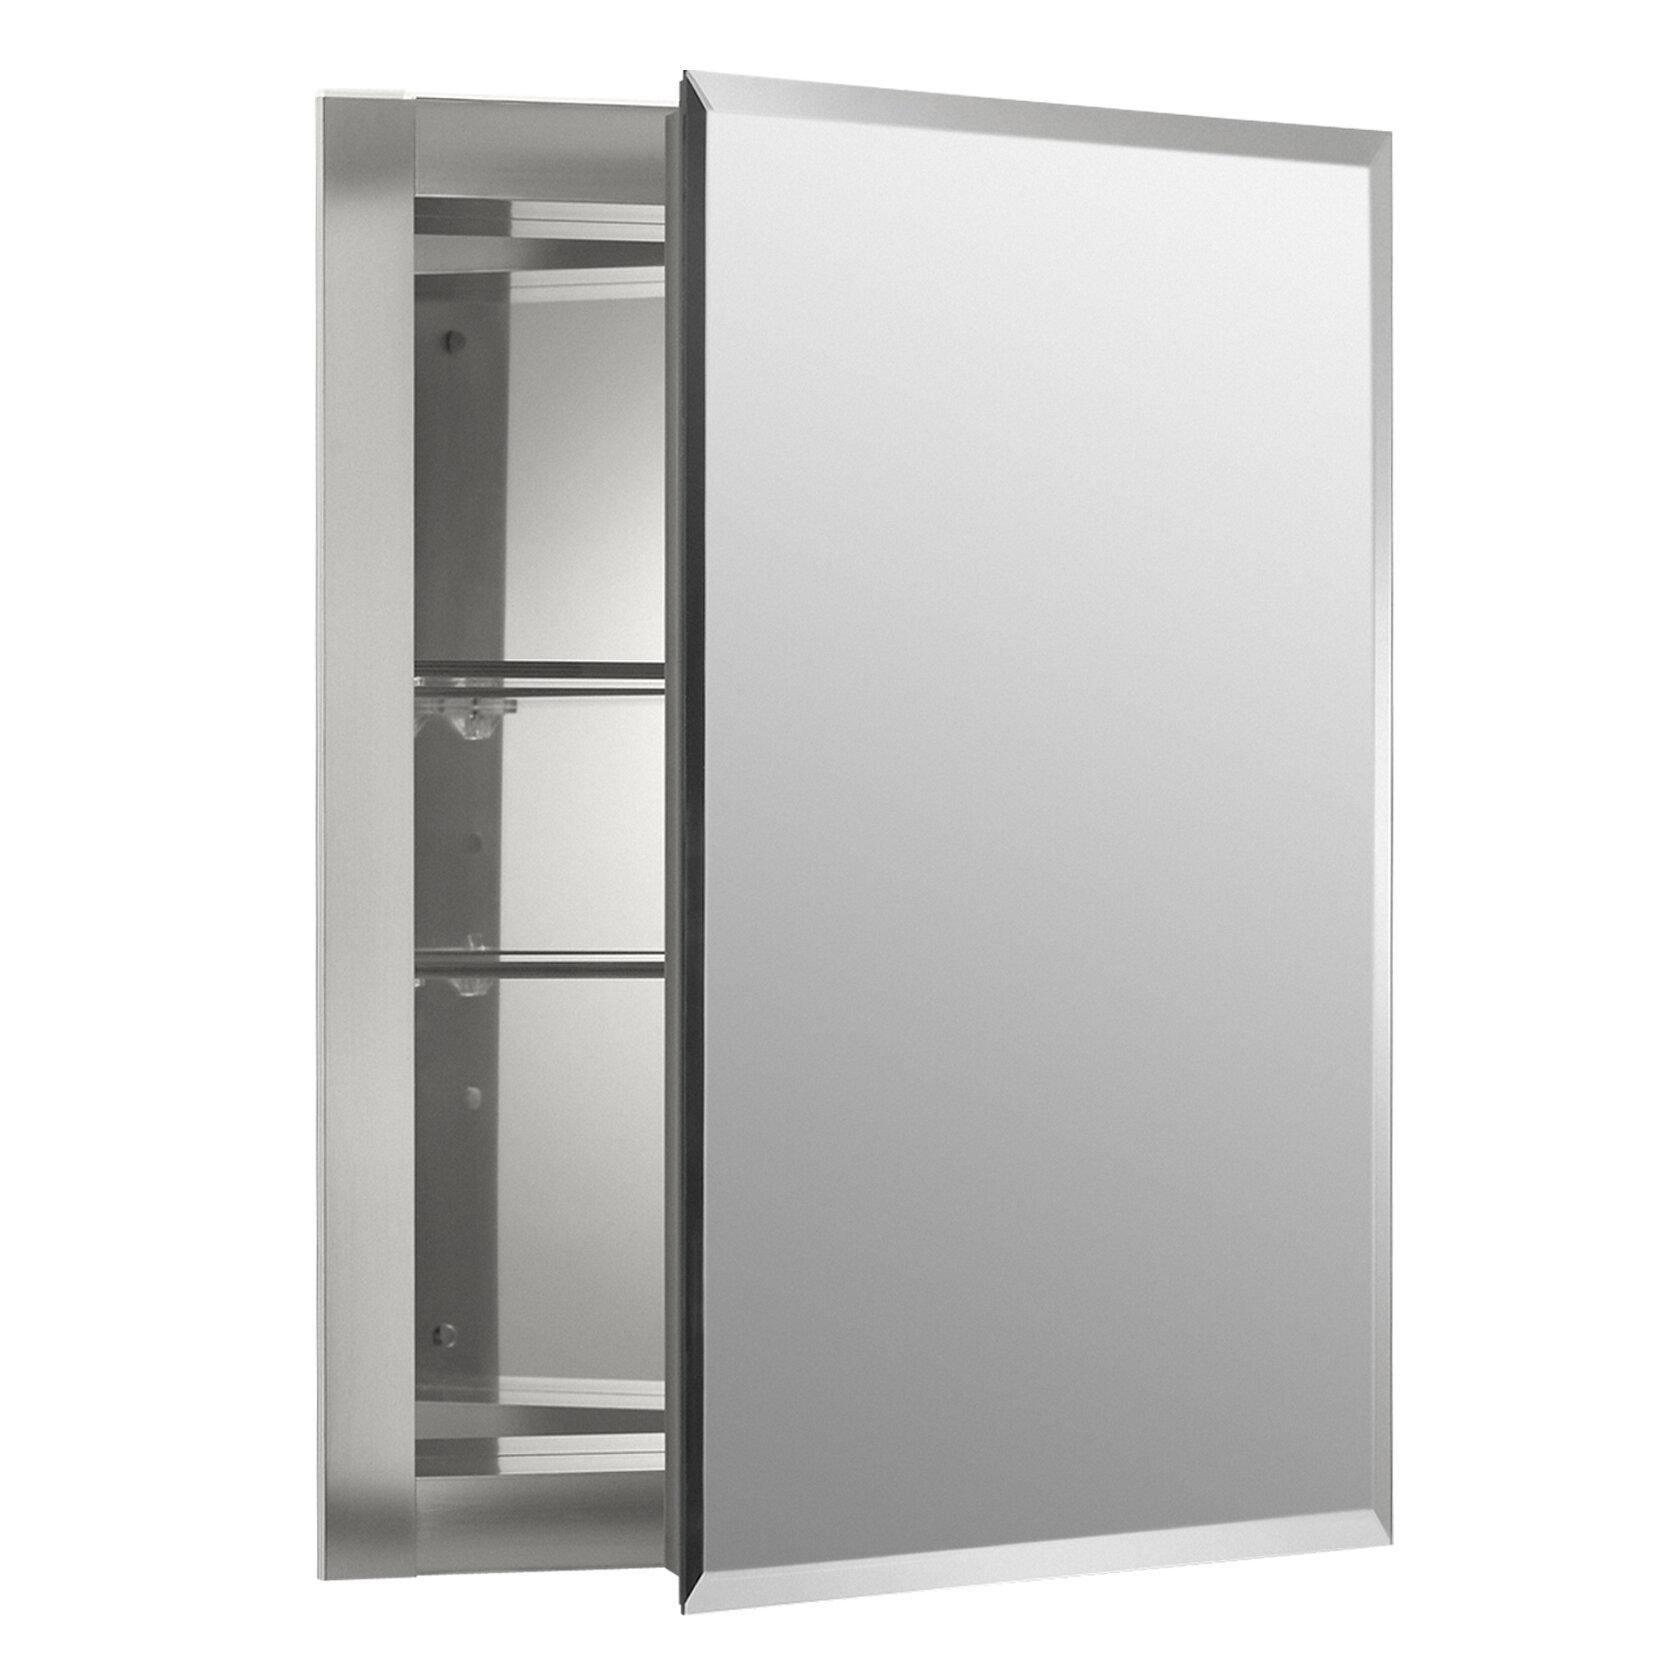 K Cb Clr1620fs Kohler 16 X 20 Recessed Frameless Medicine Cabinet With 2 Adjustable Shelves Reviews Wayfair